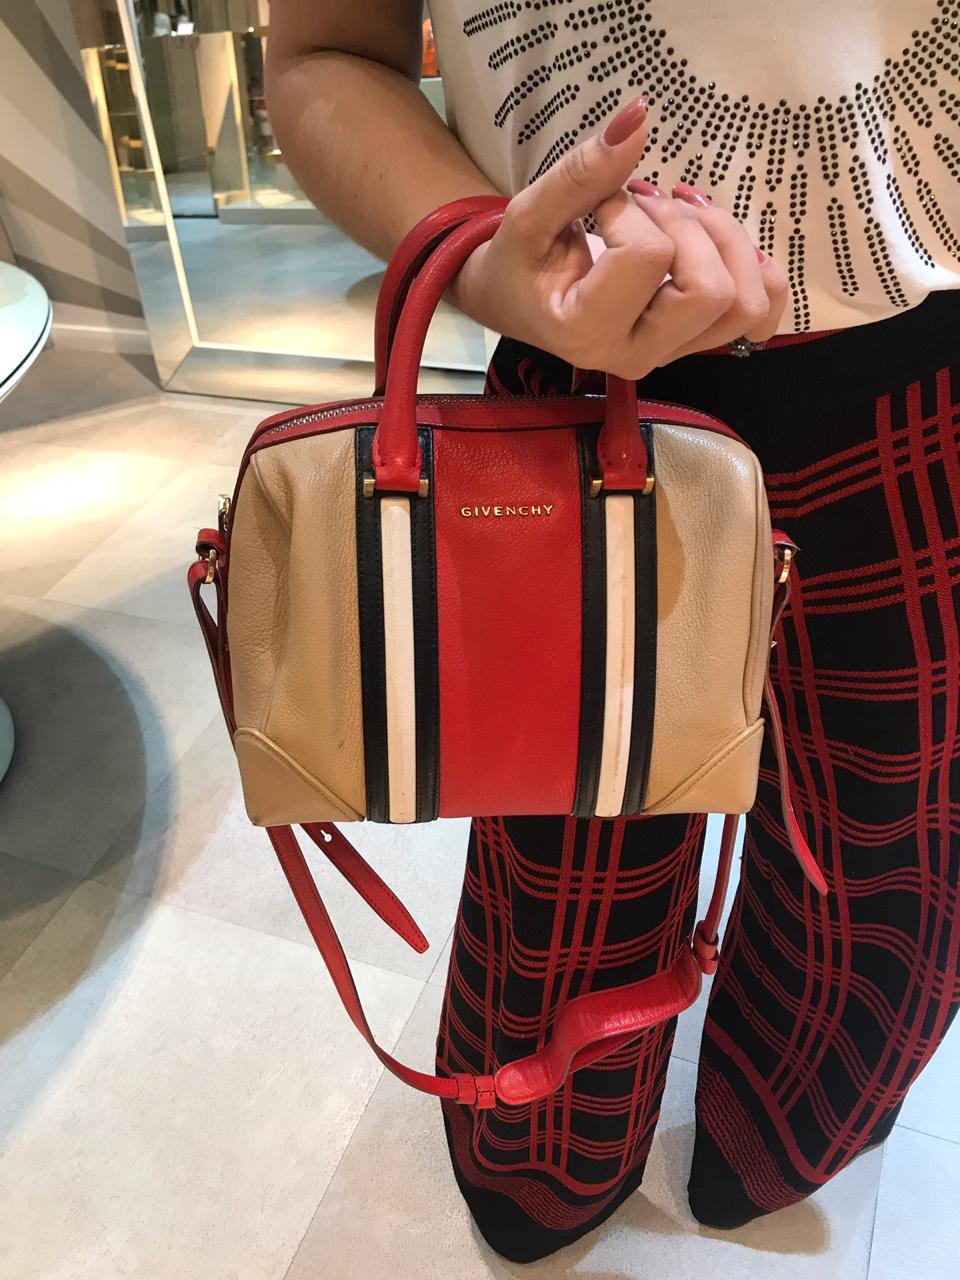 Bolsa Givenchy Lucrezia - Ref. 2905